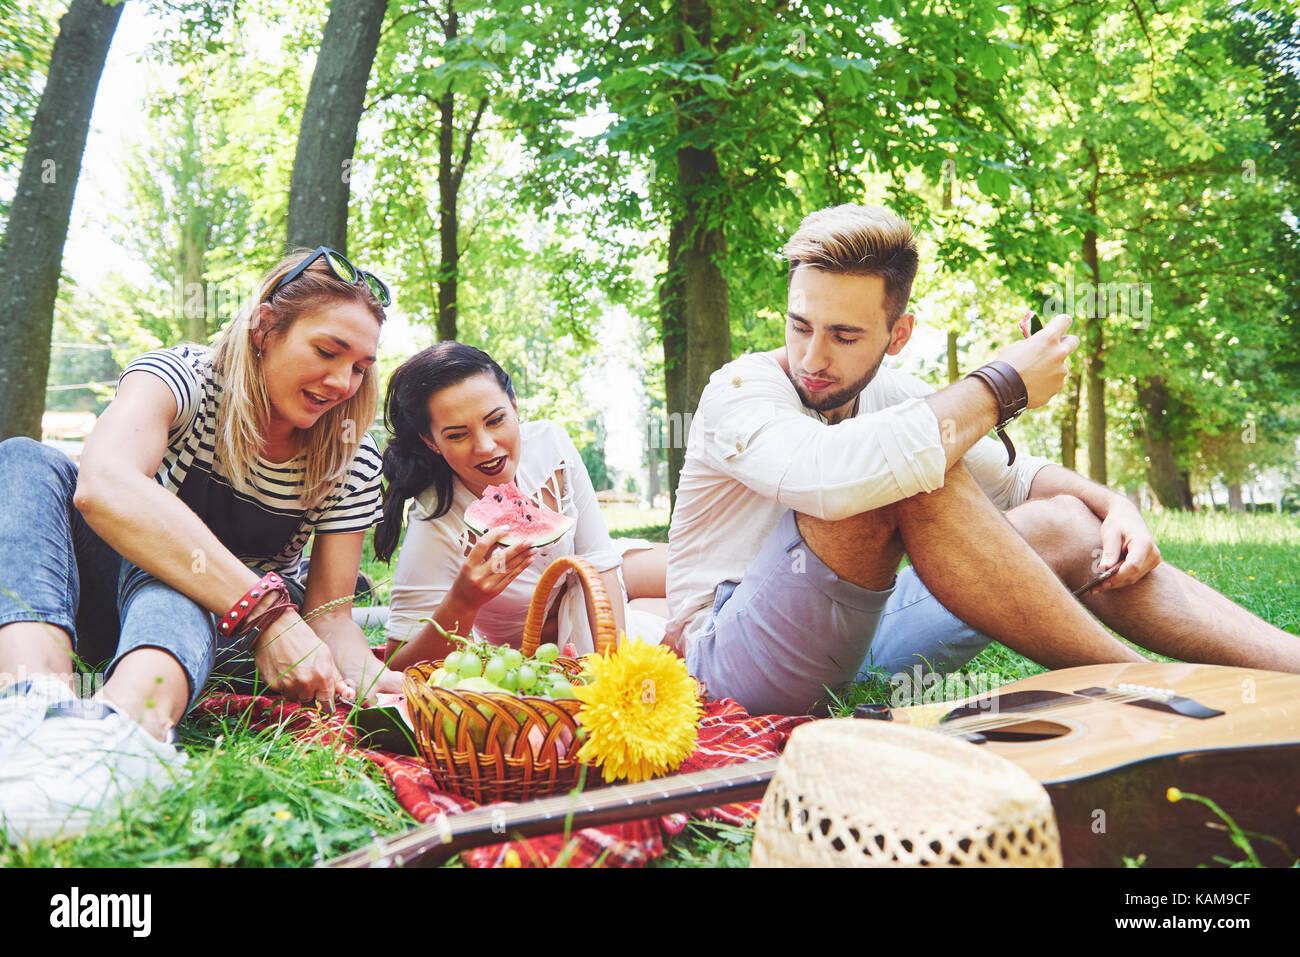 Gruppe von Freunden mit Picknick in einem Park an einem sonnigen Tag - Leute rumhängen, Spaß, Grillen Stockbild